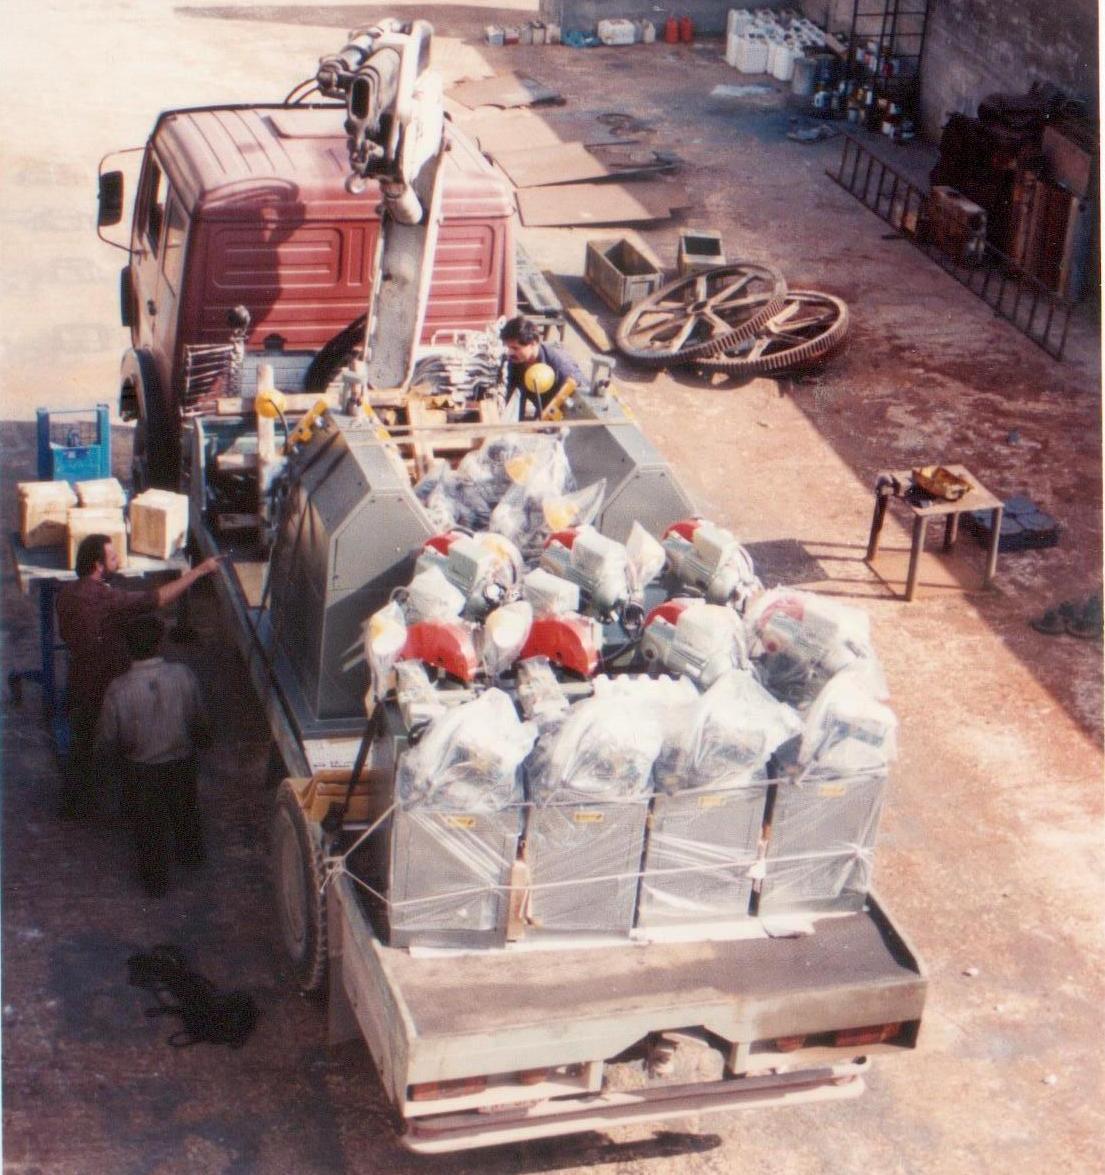 Διαμορφωτές κύκλων ΗΜ50 & δισκοπρίονα σιδήρου κατά τη διαδικασία αποστολής.